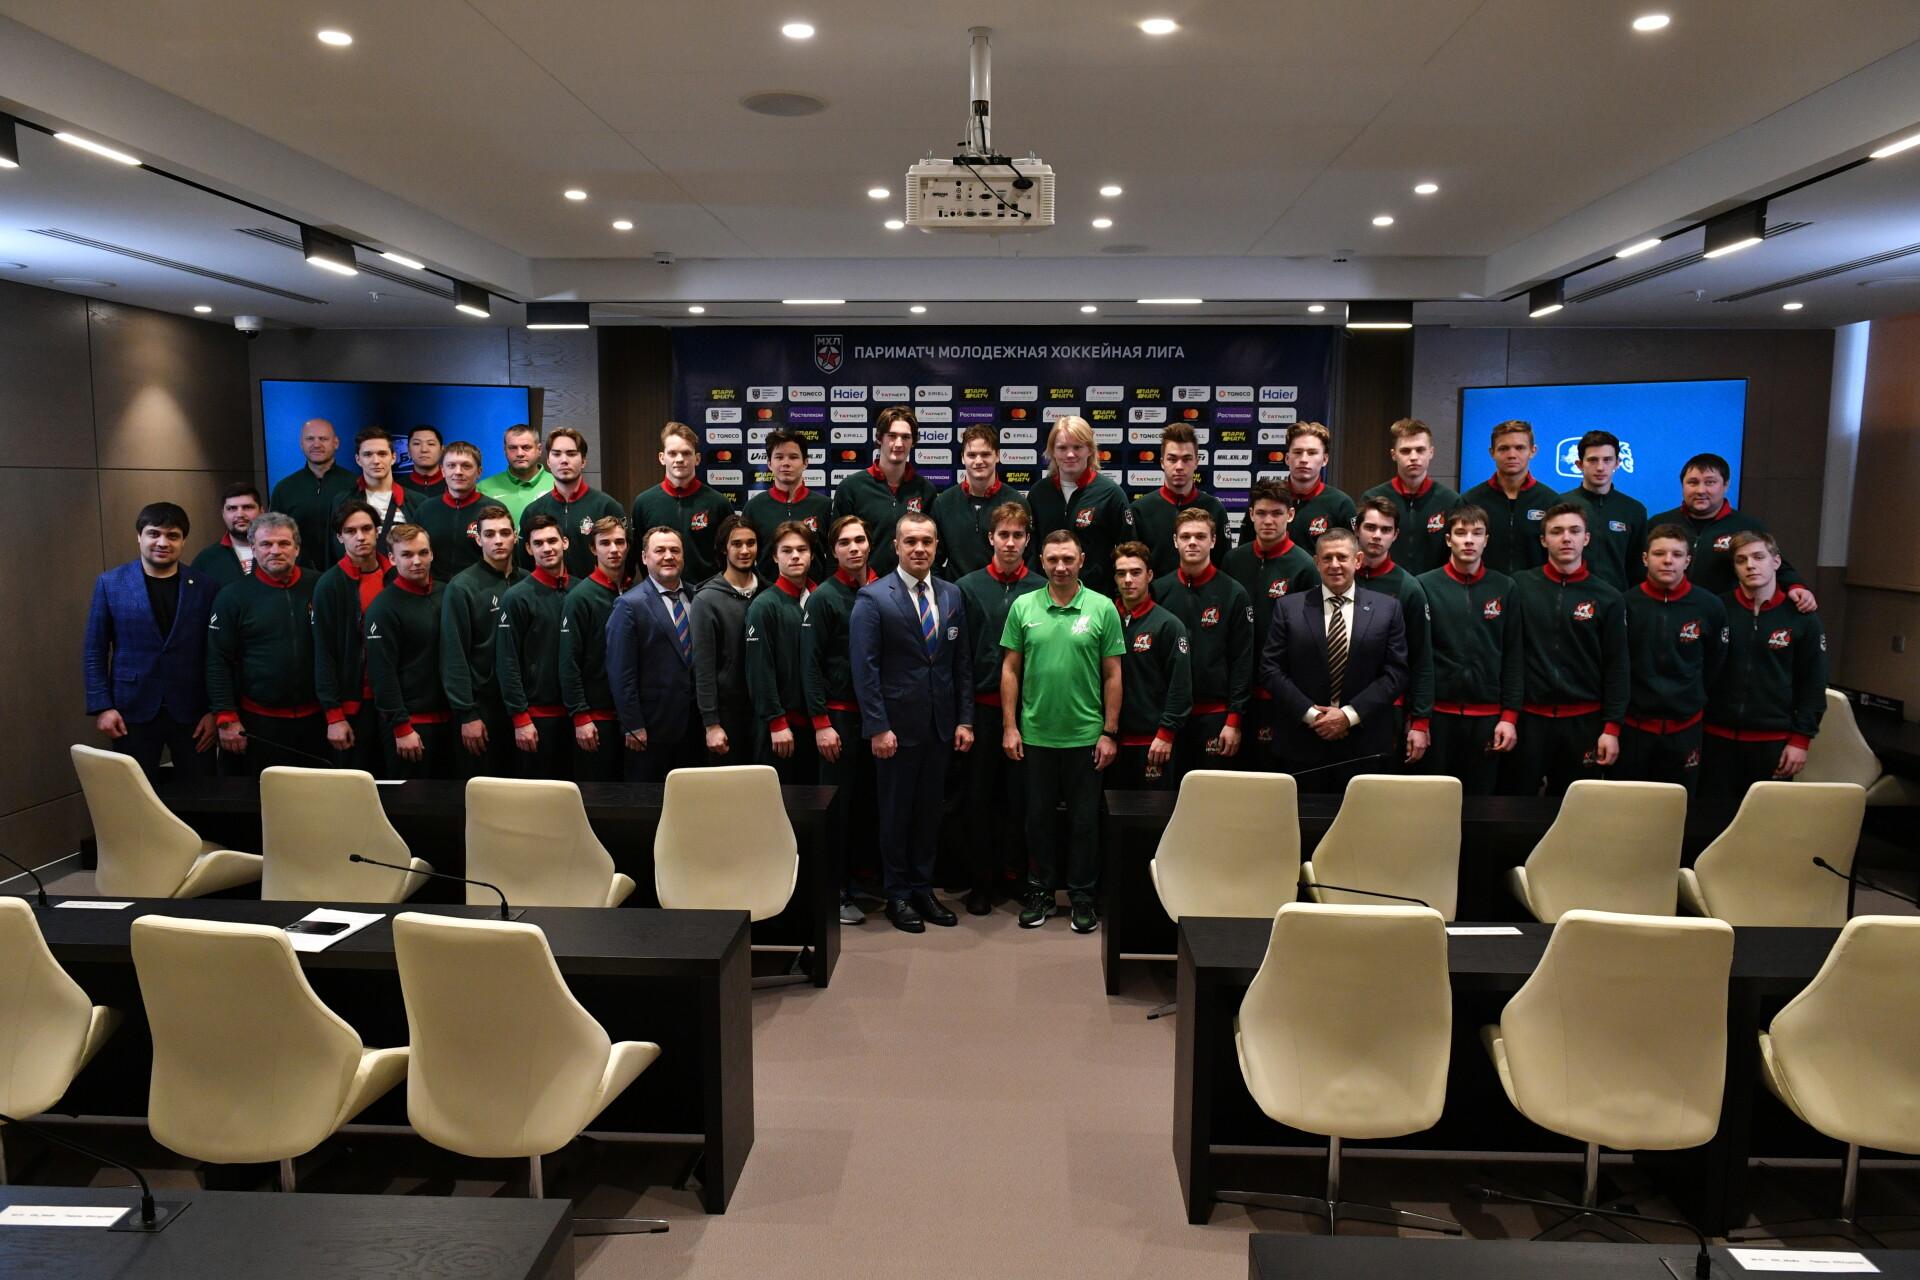 Руководители «Ак Барса» и Федерации хоккея РТ встретились с хоккеистами «Ирбиса». 05.03.2020